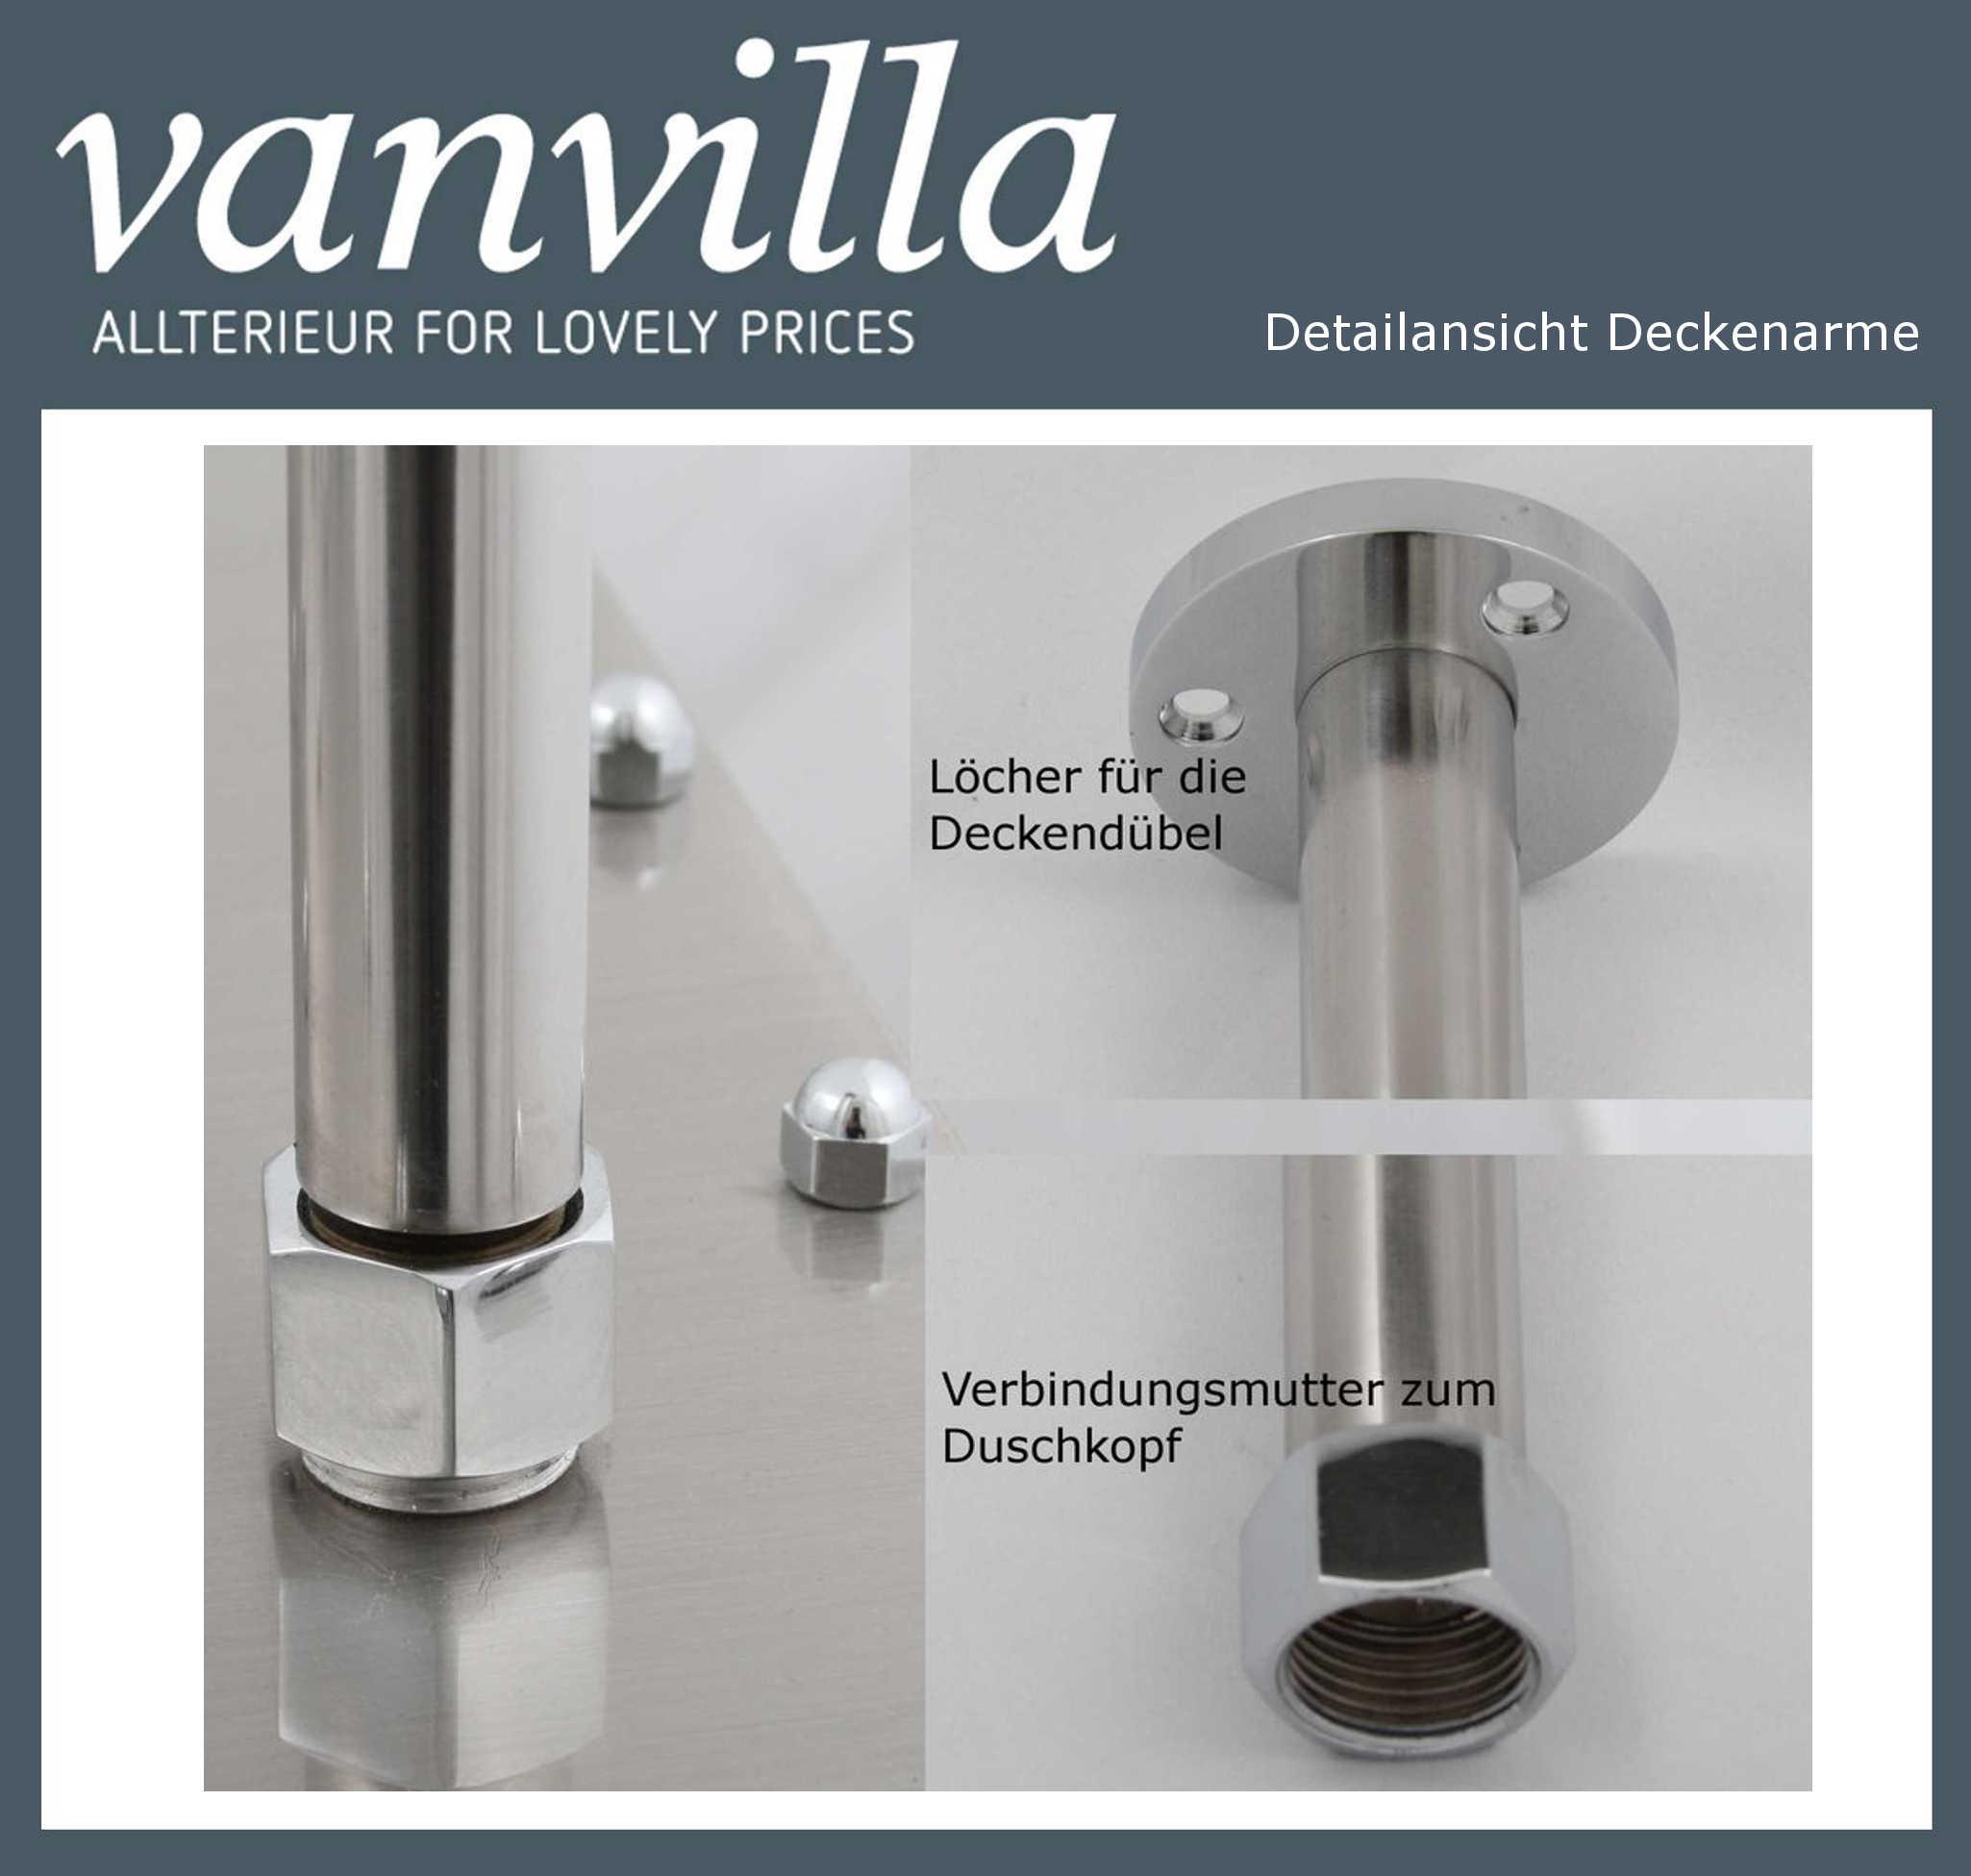 Duschkopf vanvilla slim design led 50cm rund edelstahl geb rstet 895 s - Quadratische edelstahl designer duschkopf ...